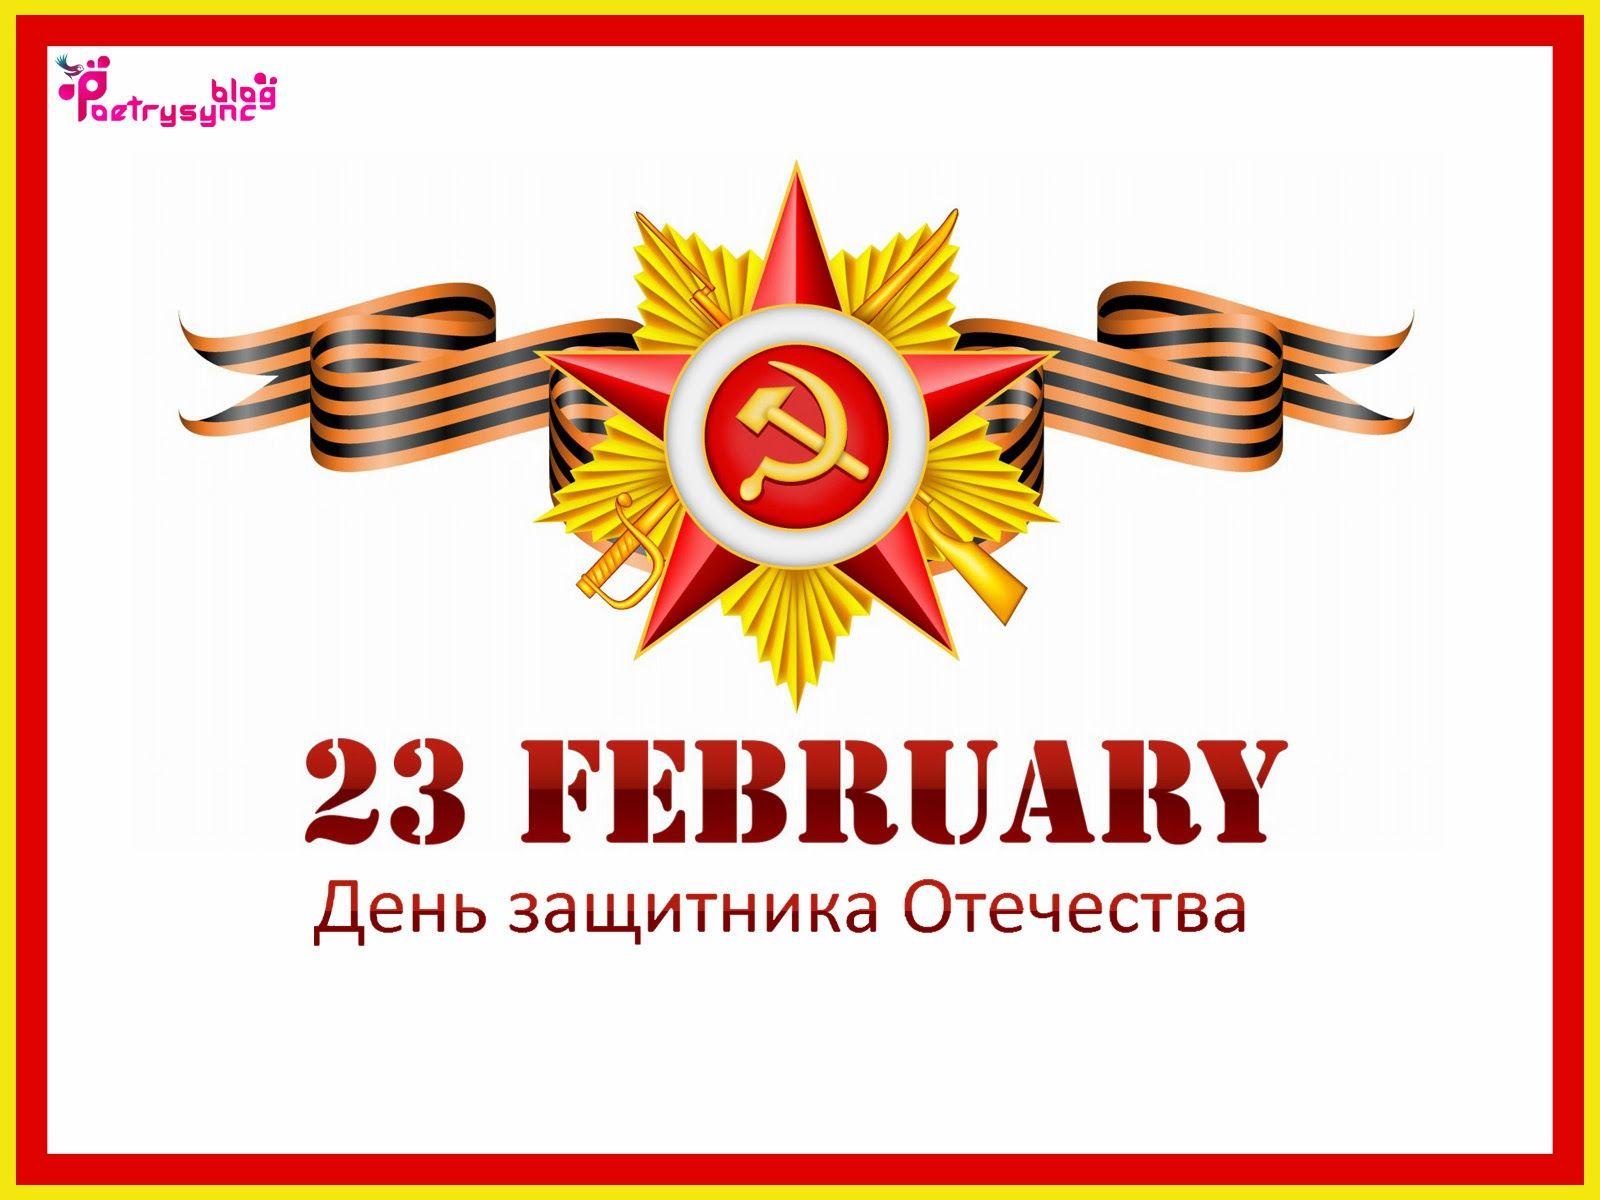 поздравление с 23 февраля коллегам на английском предоставляем возможность